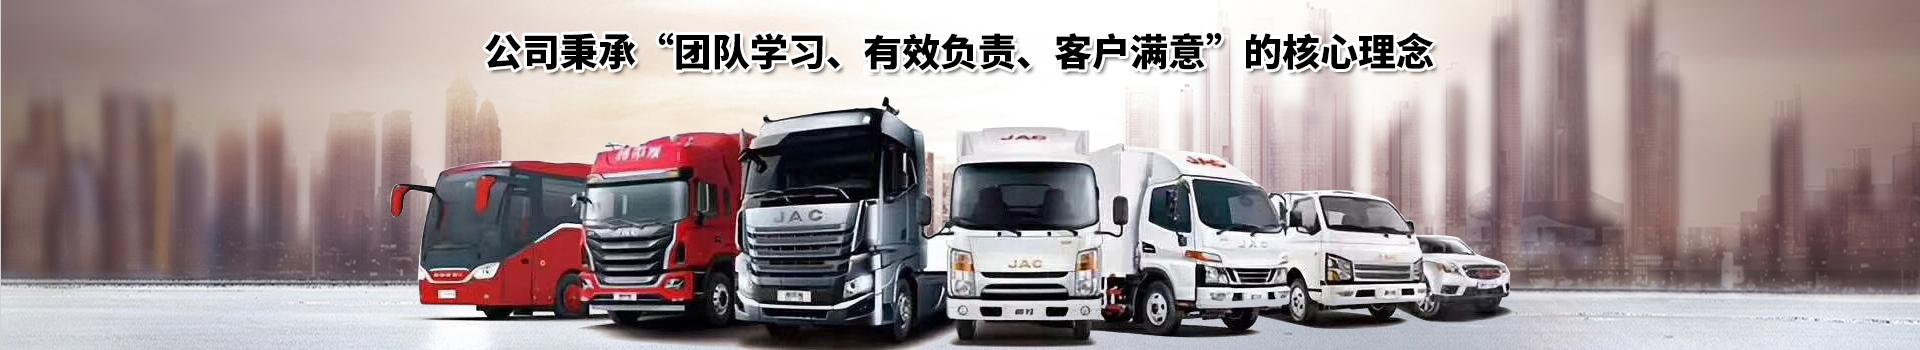 http://www.junxiangjac.com/data/upload/202006/20200630153400_358.jpg